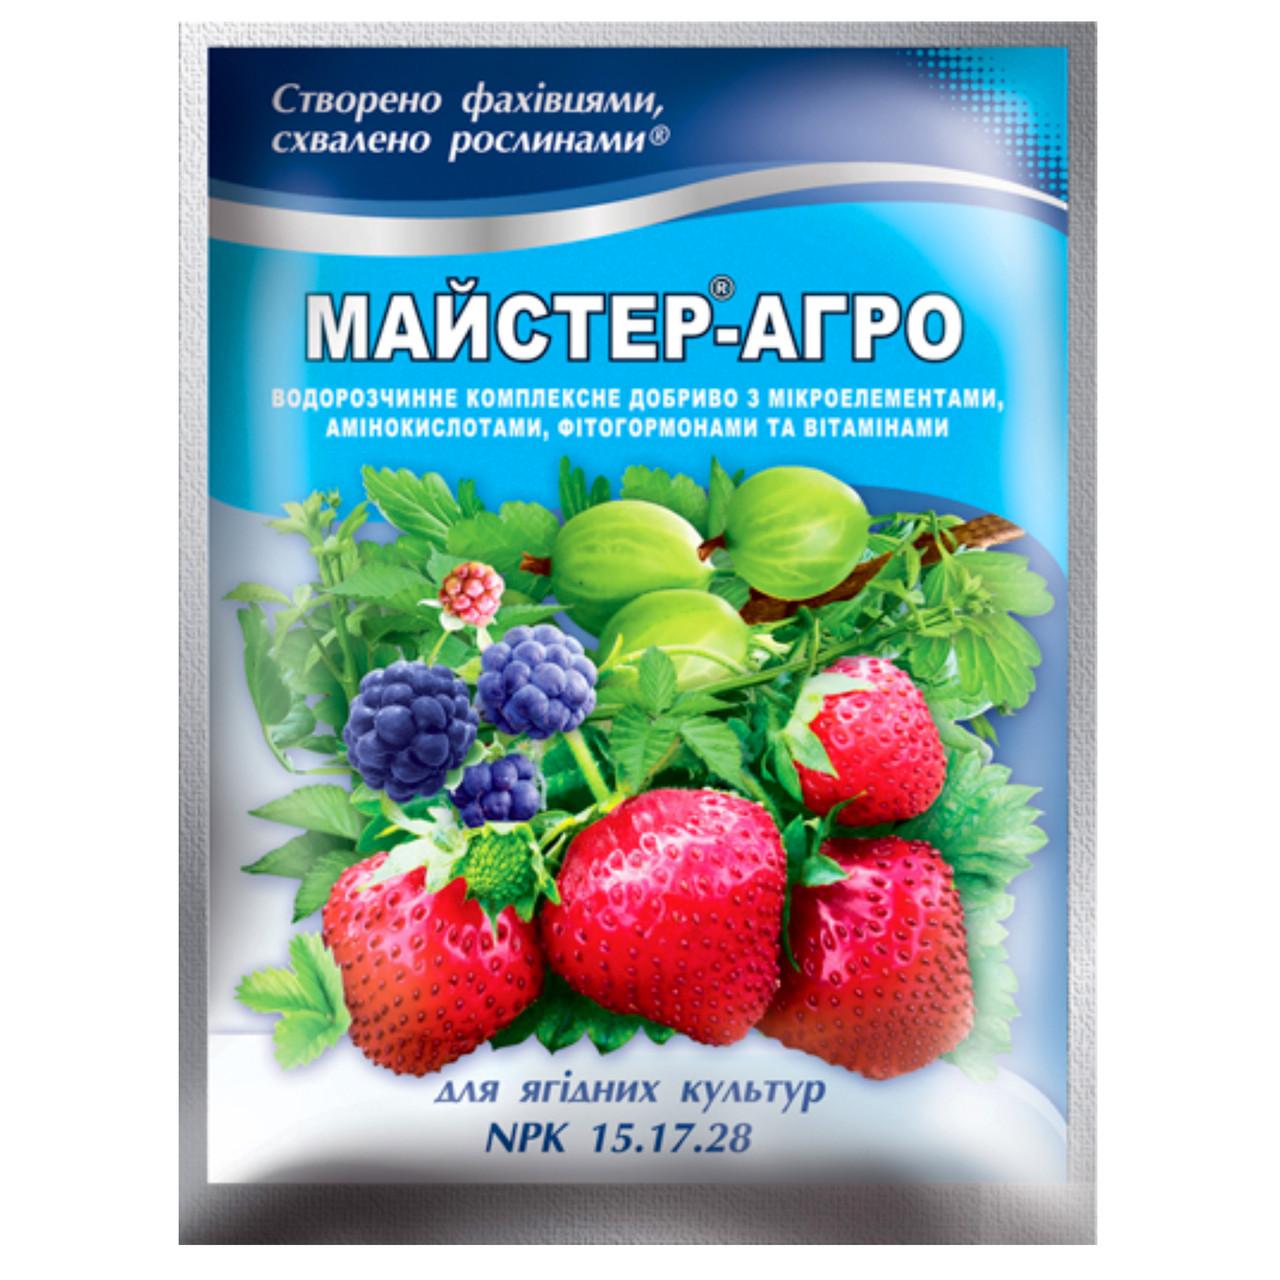 Удобрение Мастер-агро для ягодных культур 15.17.28 100 г